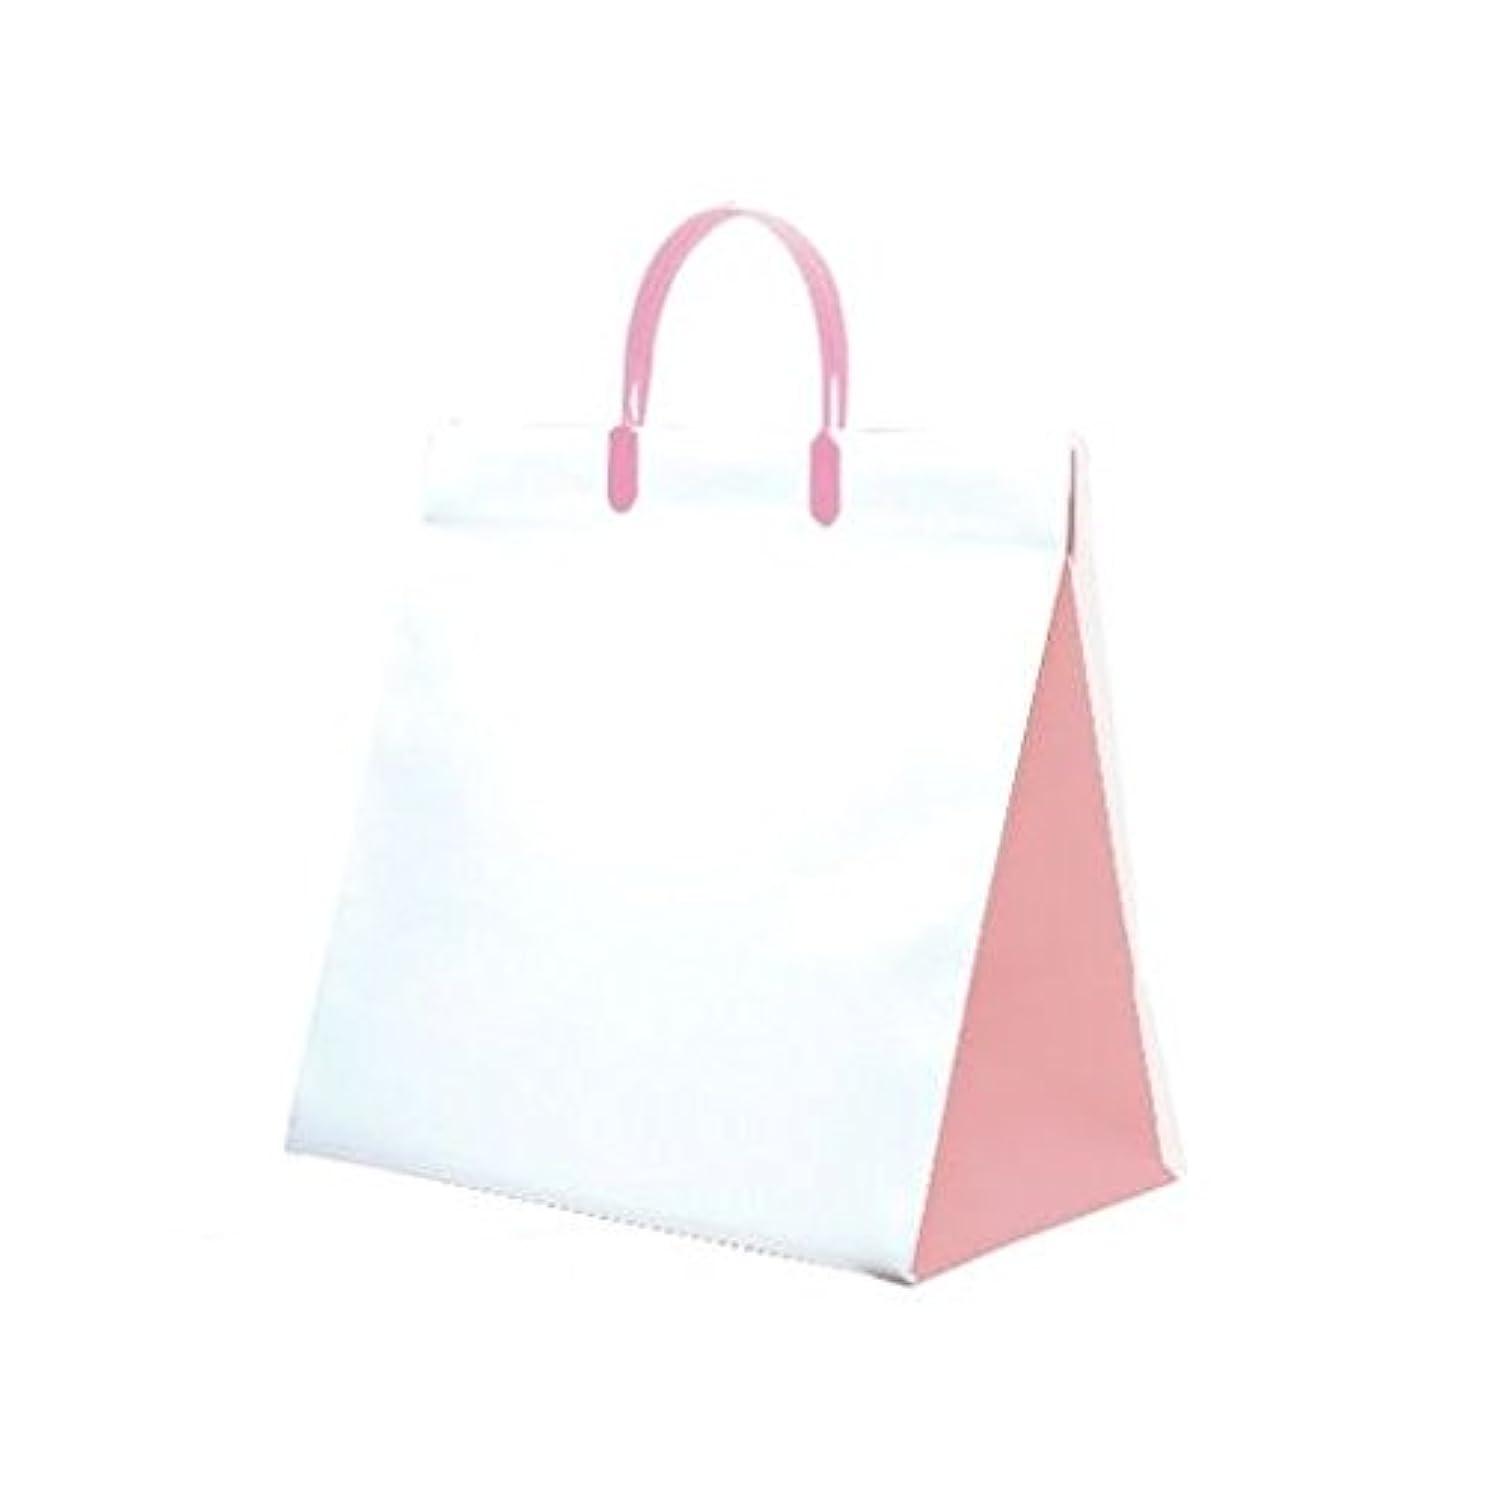 喜ぶずらす関係するKP03427 手提げ パールバッグ ピンク